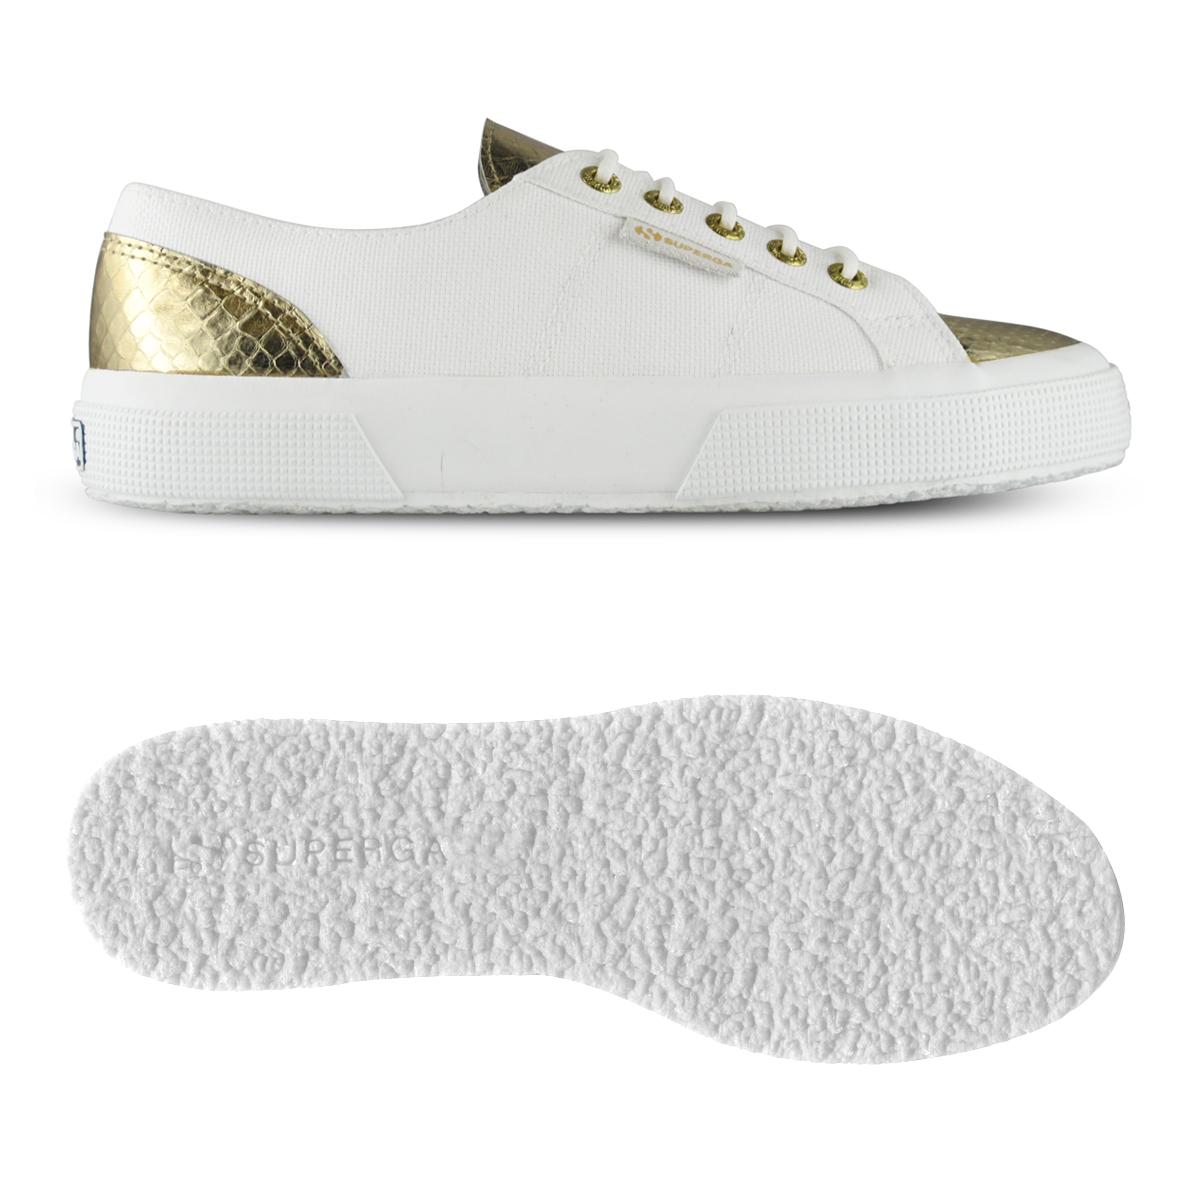 Superga, scarpe donne primavera estate 2016. Foto e prezzi